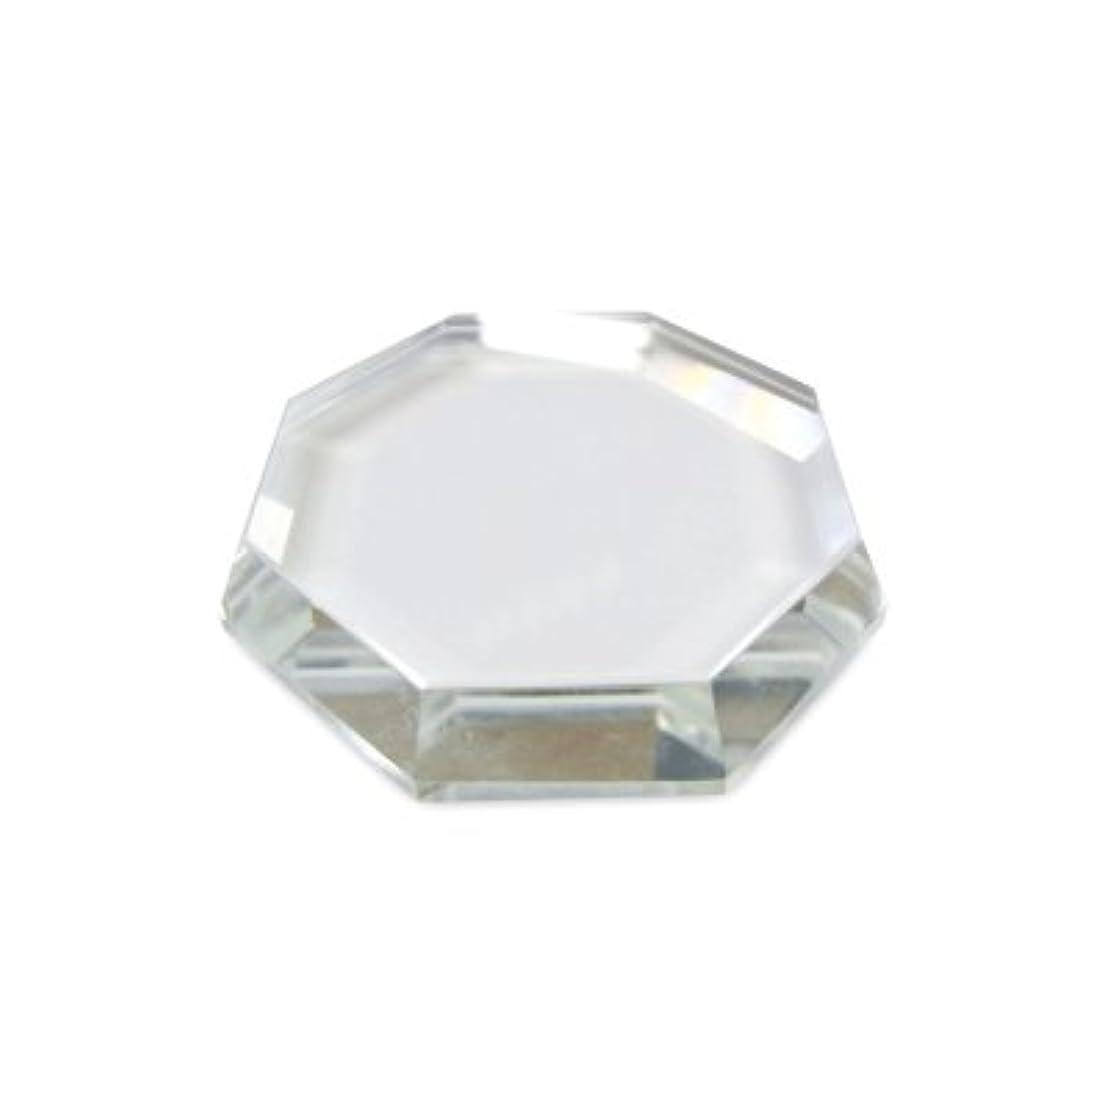 ベット持続する理想的には[まつげエクステ]クリスタルグループレート〈ガラス製〉八角形 55mm